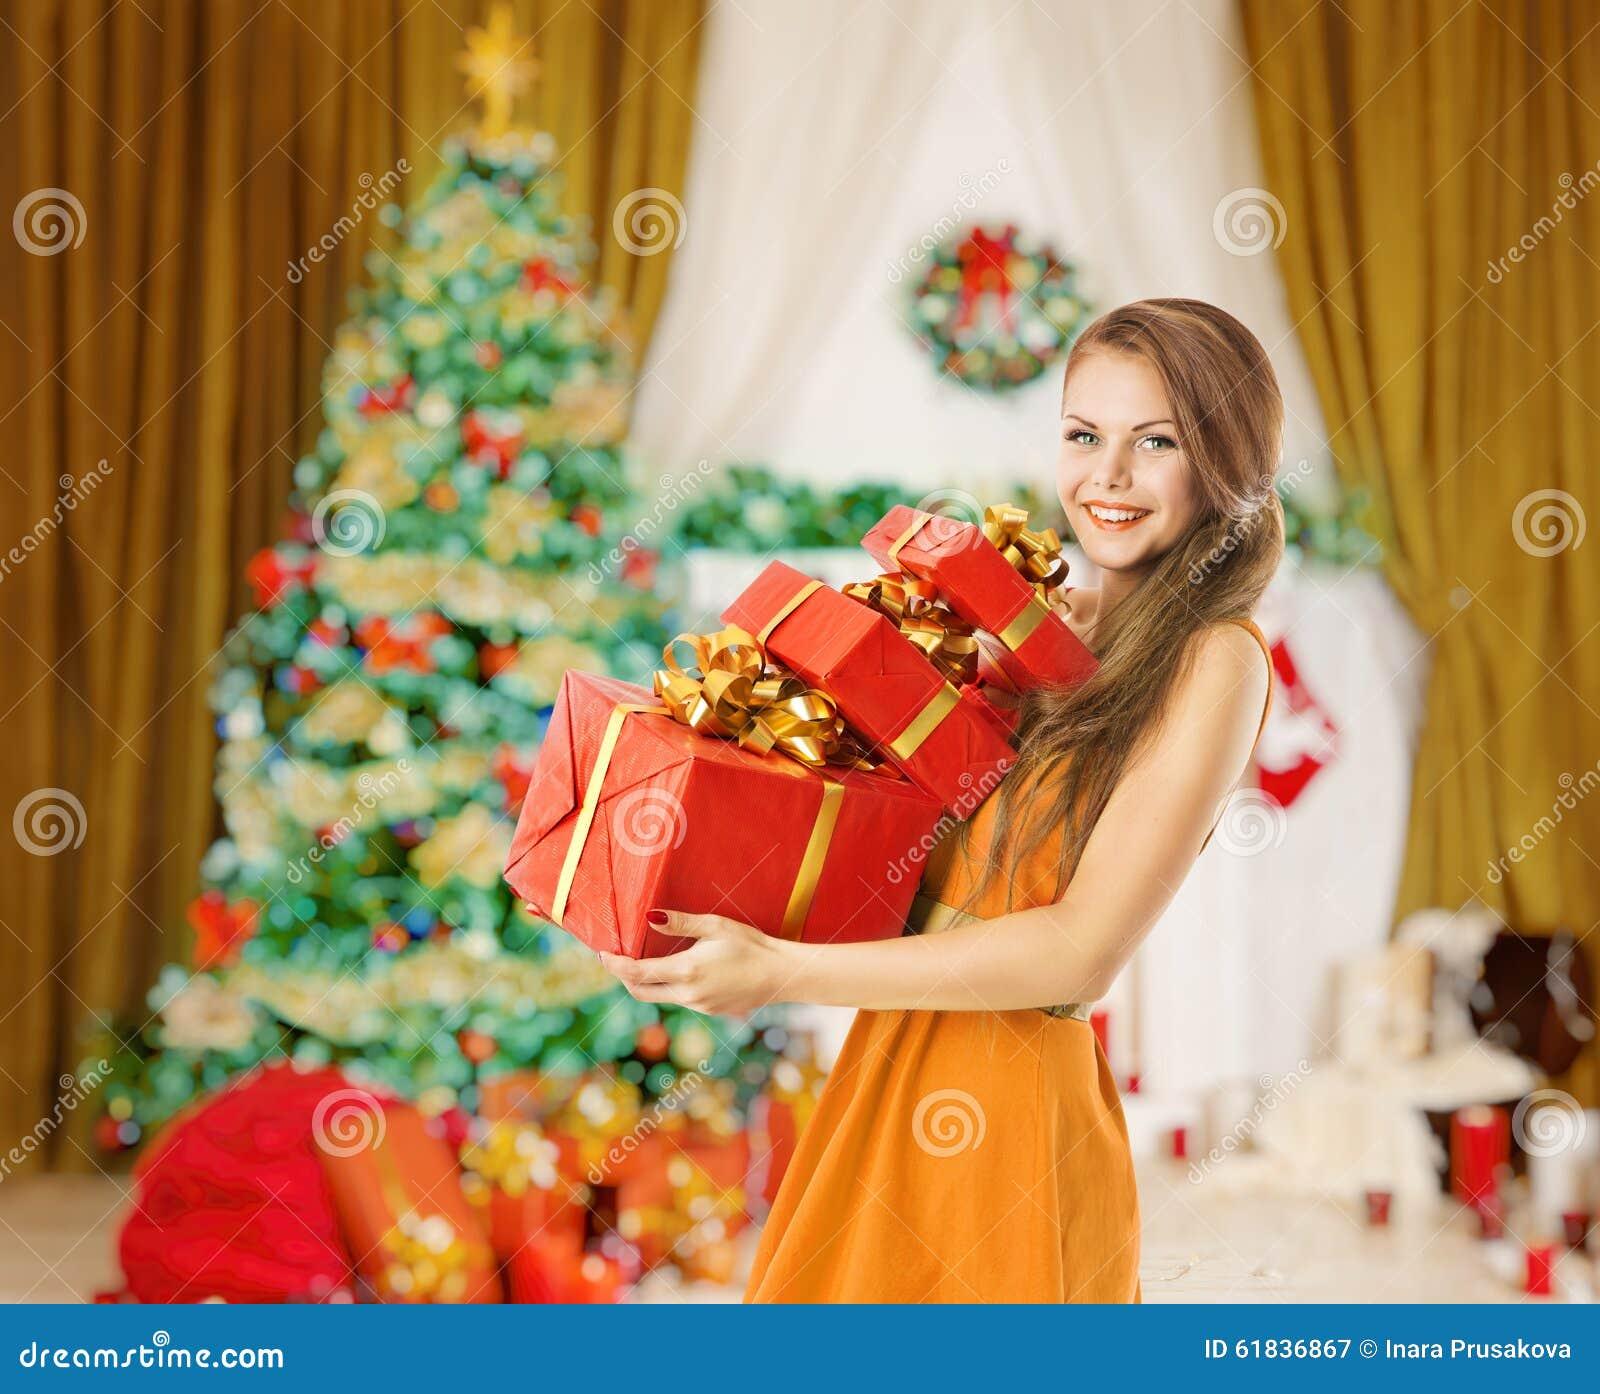 Frauen-Weihnachtsgeschenk-Geschenk-Kästen, Feiertag Vorbildliches ...